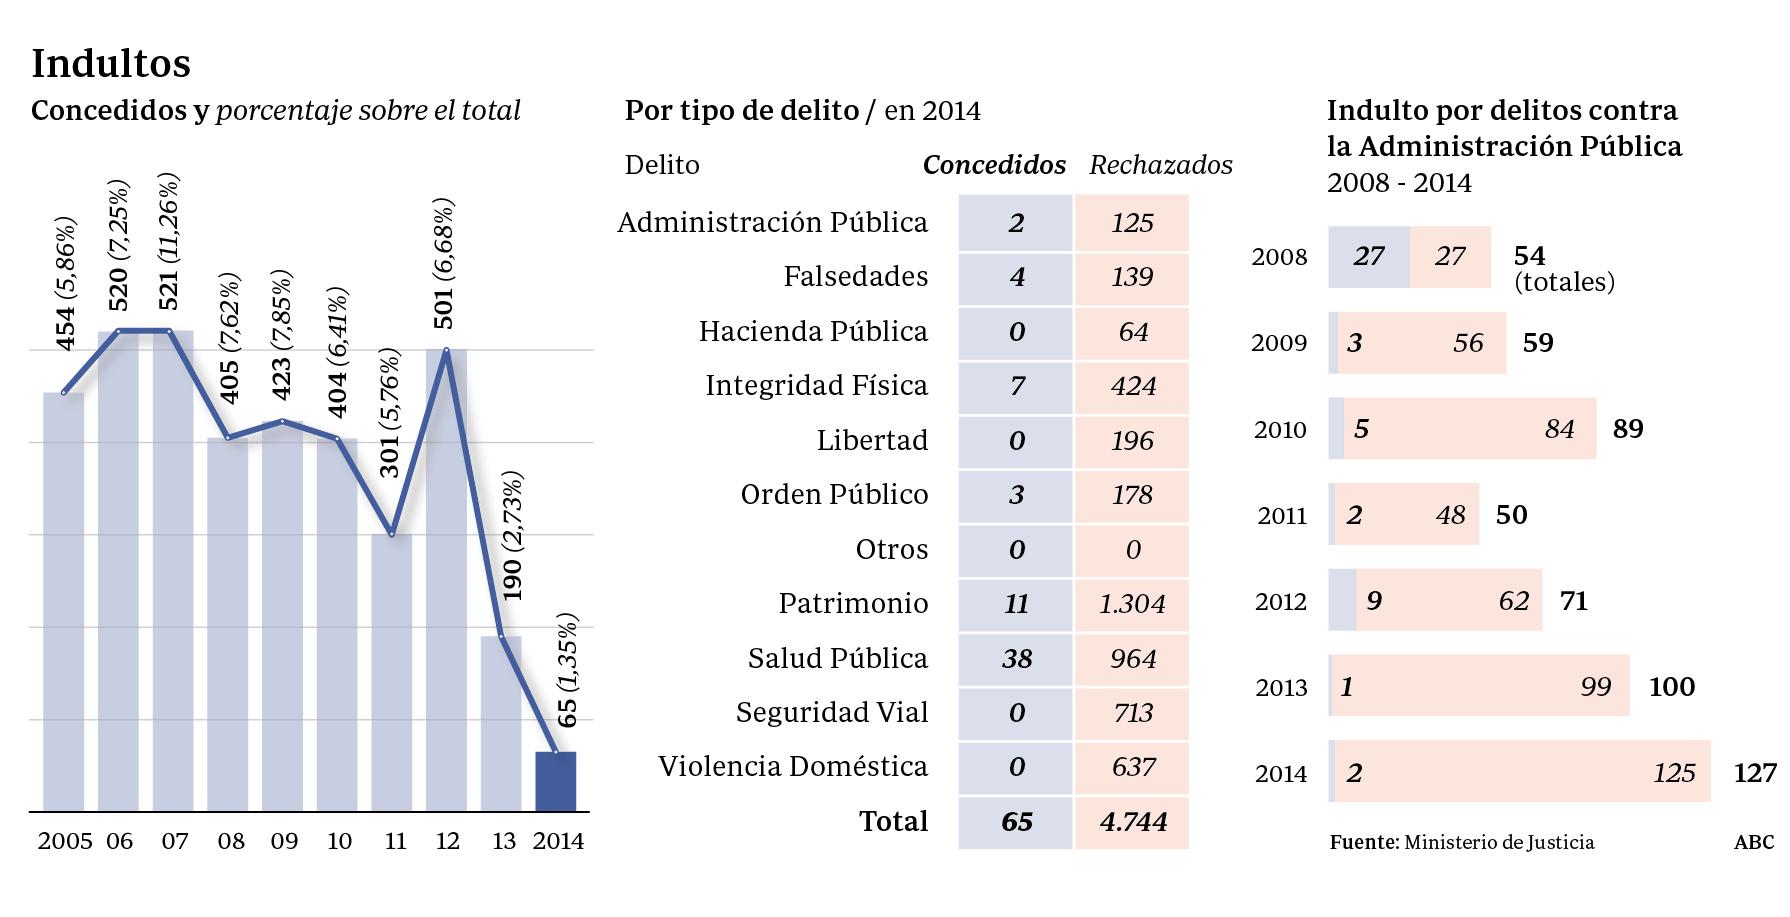 El Gobierno concederá este año cinco veces menos indultos que en 2012